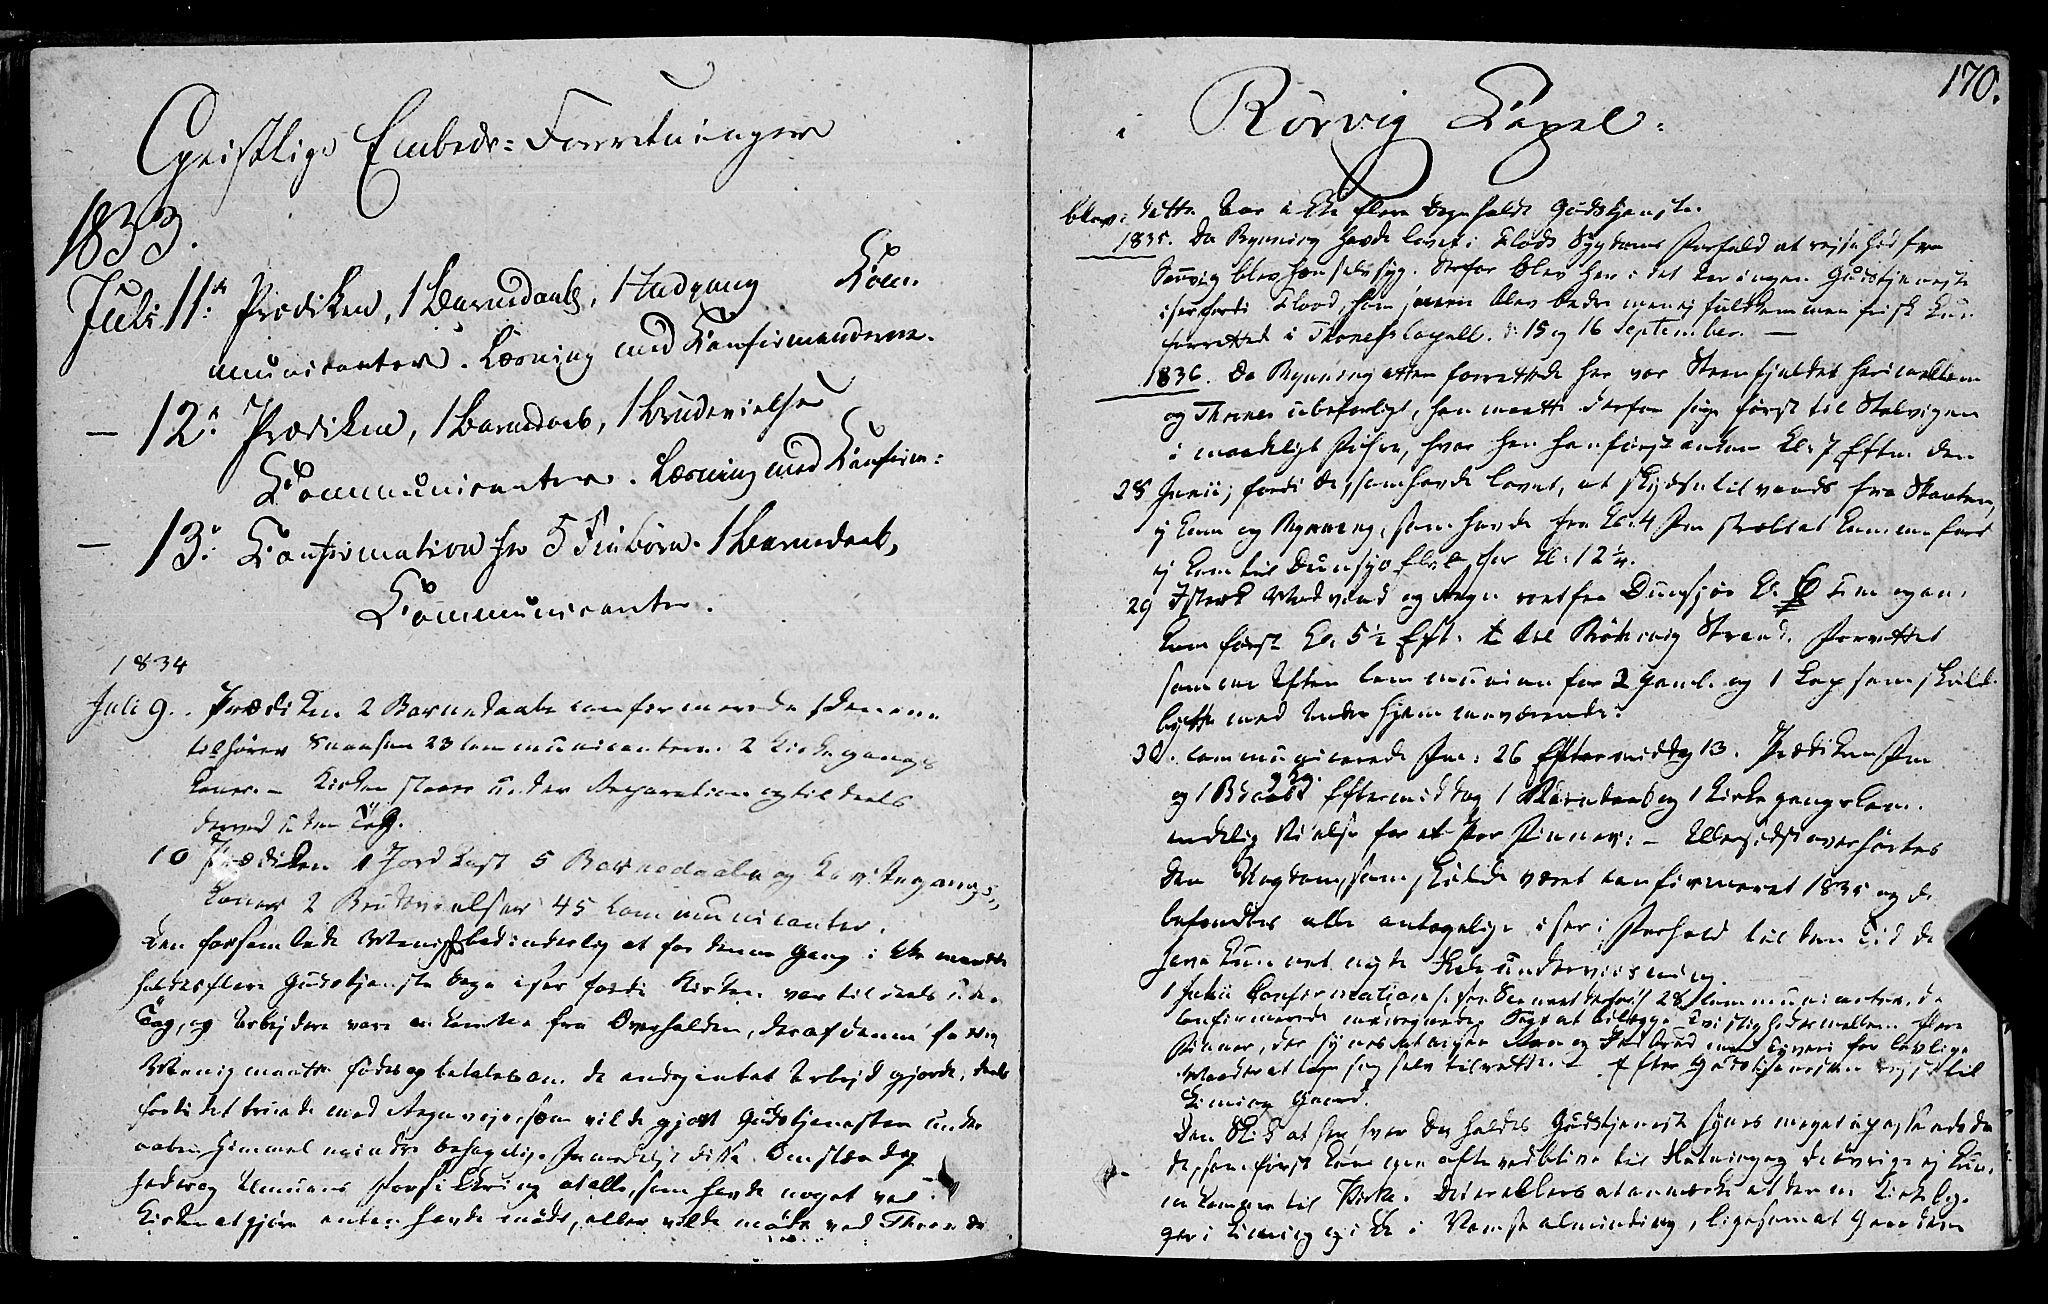 SAT, Ministerialprotokoller, klokkerbøker og fødselsregistre - Nord-Trøndelag, 762/L0538: Ministerialbok nr. 762A02 /1, 1833-1879, s. 170